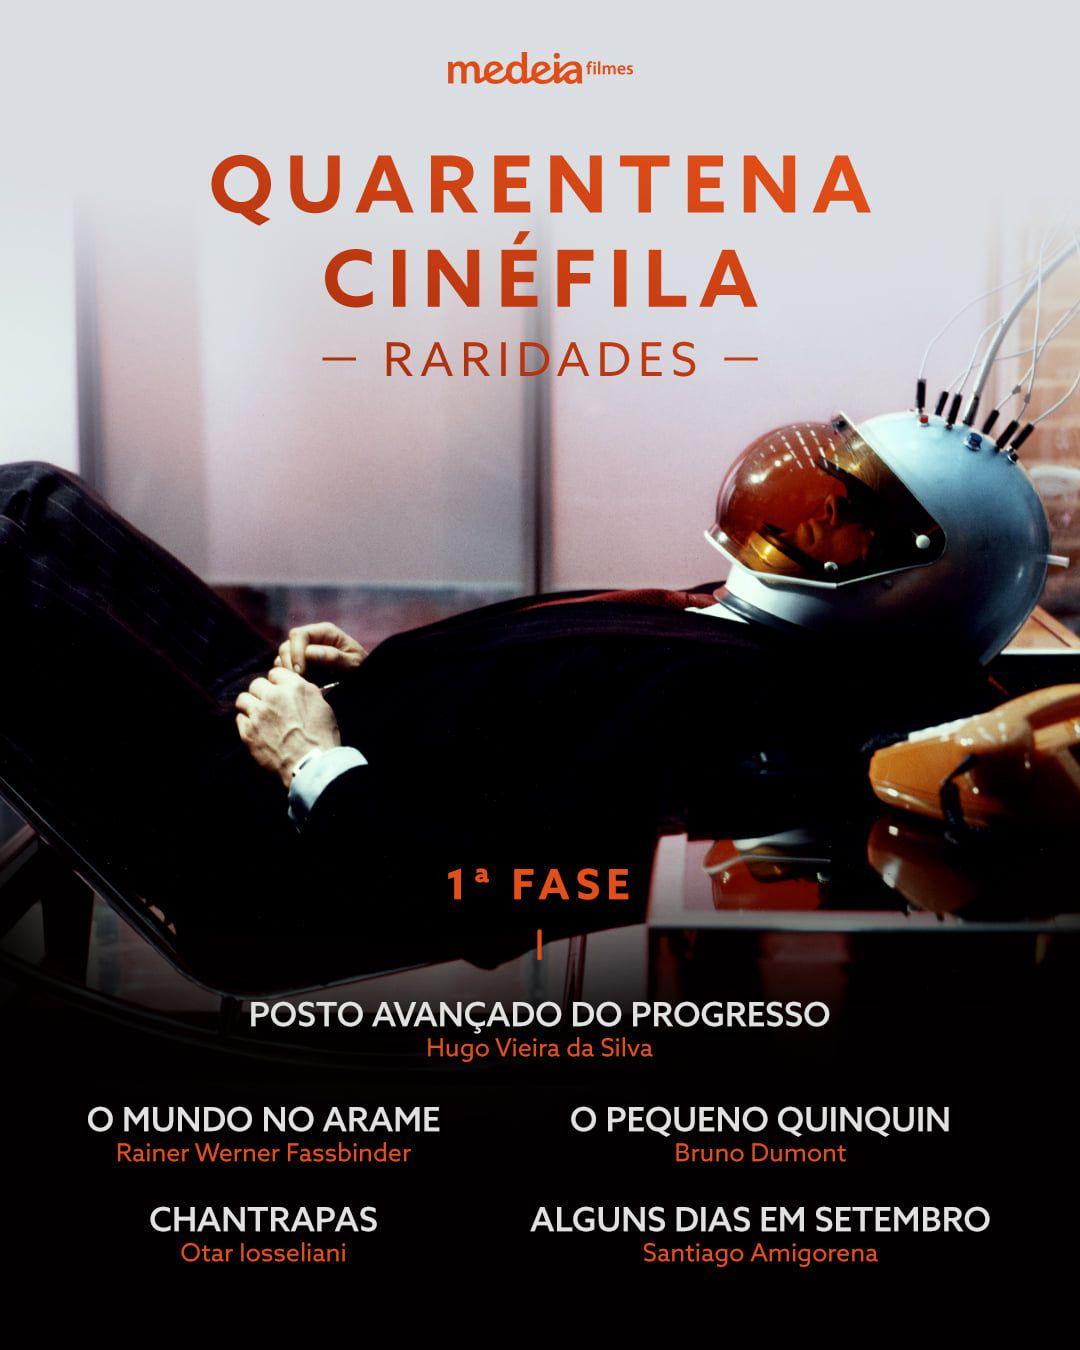 quarentena-cinefila-medeia-filmes-2021-1